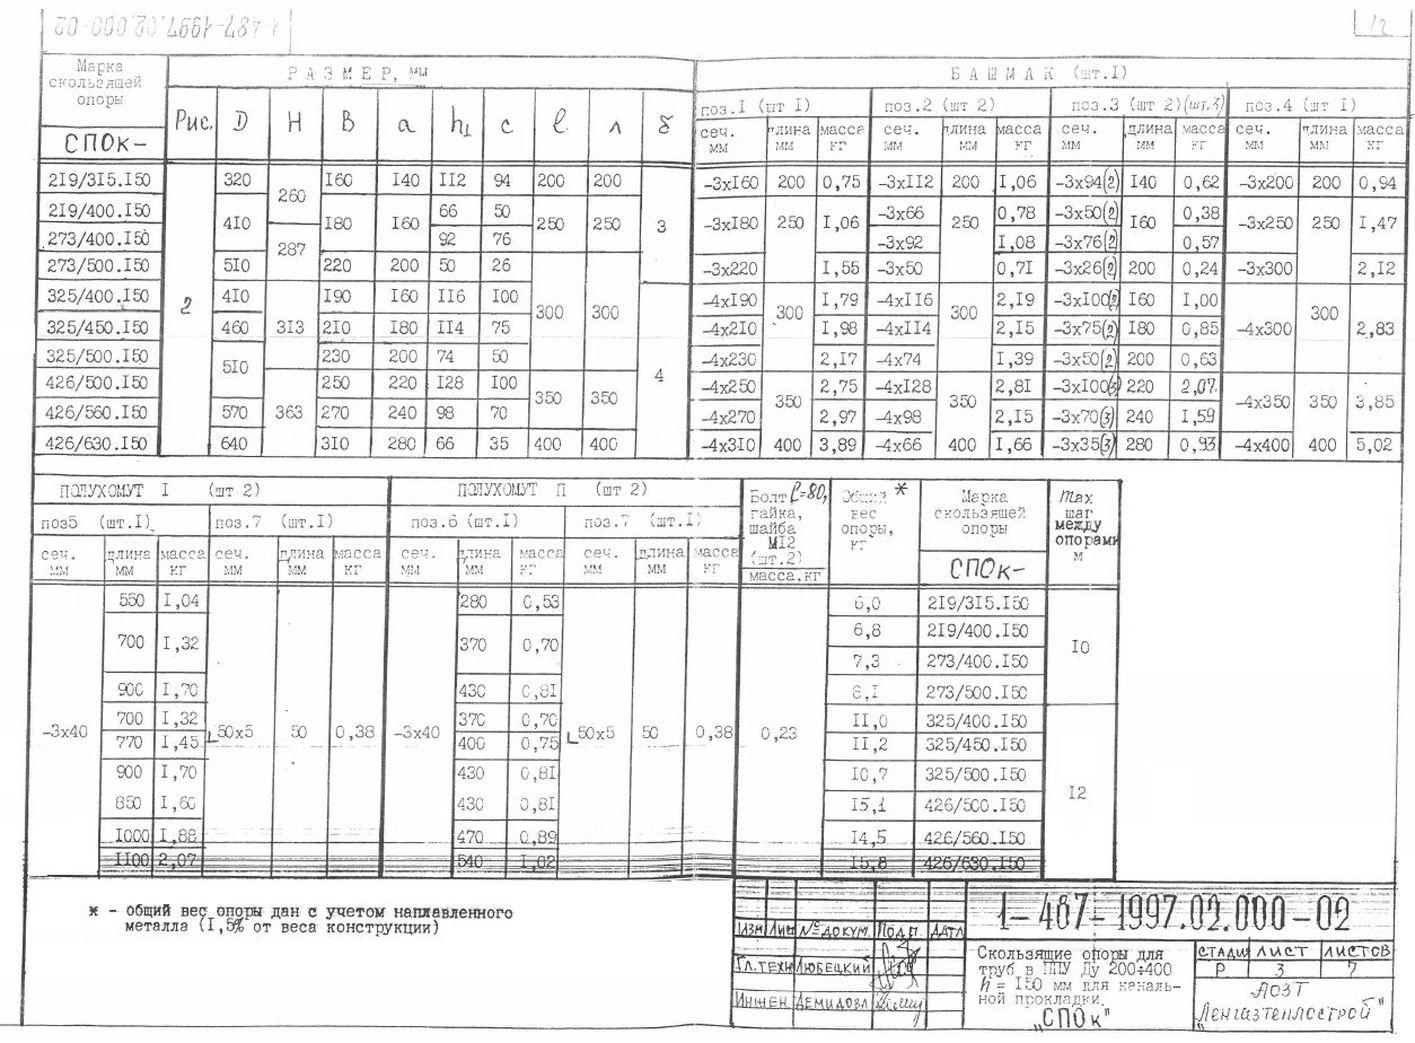 Опора СПОк ТД 1-487-1997.02.000-03 стр.3